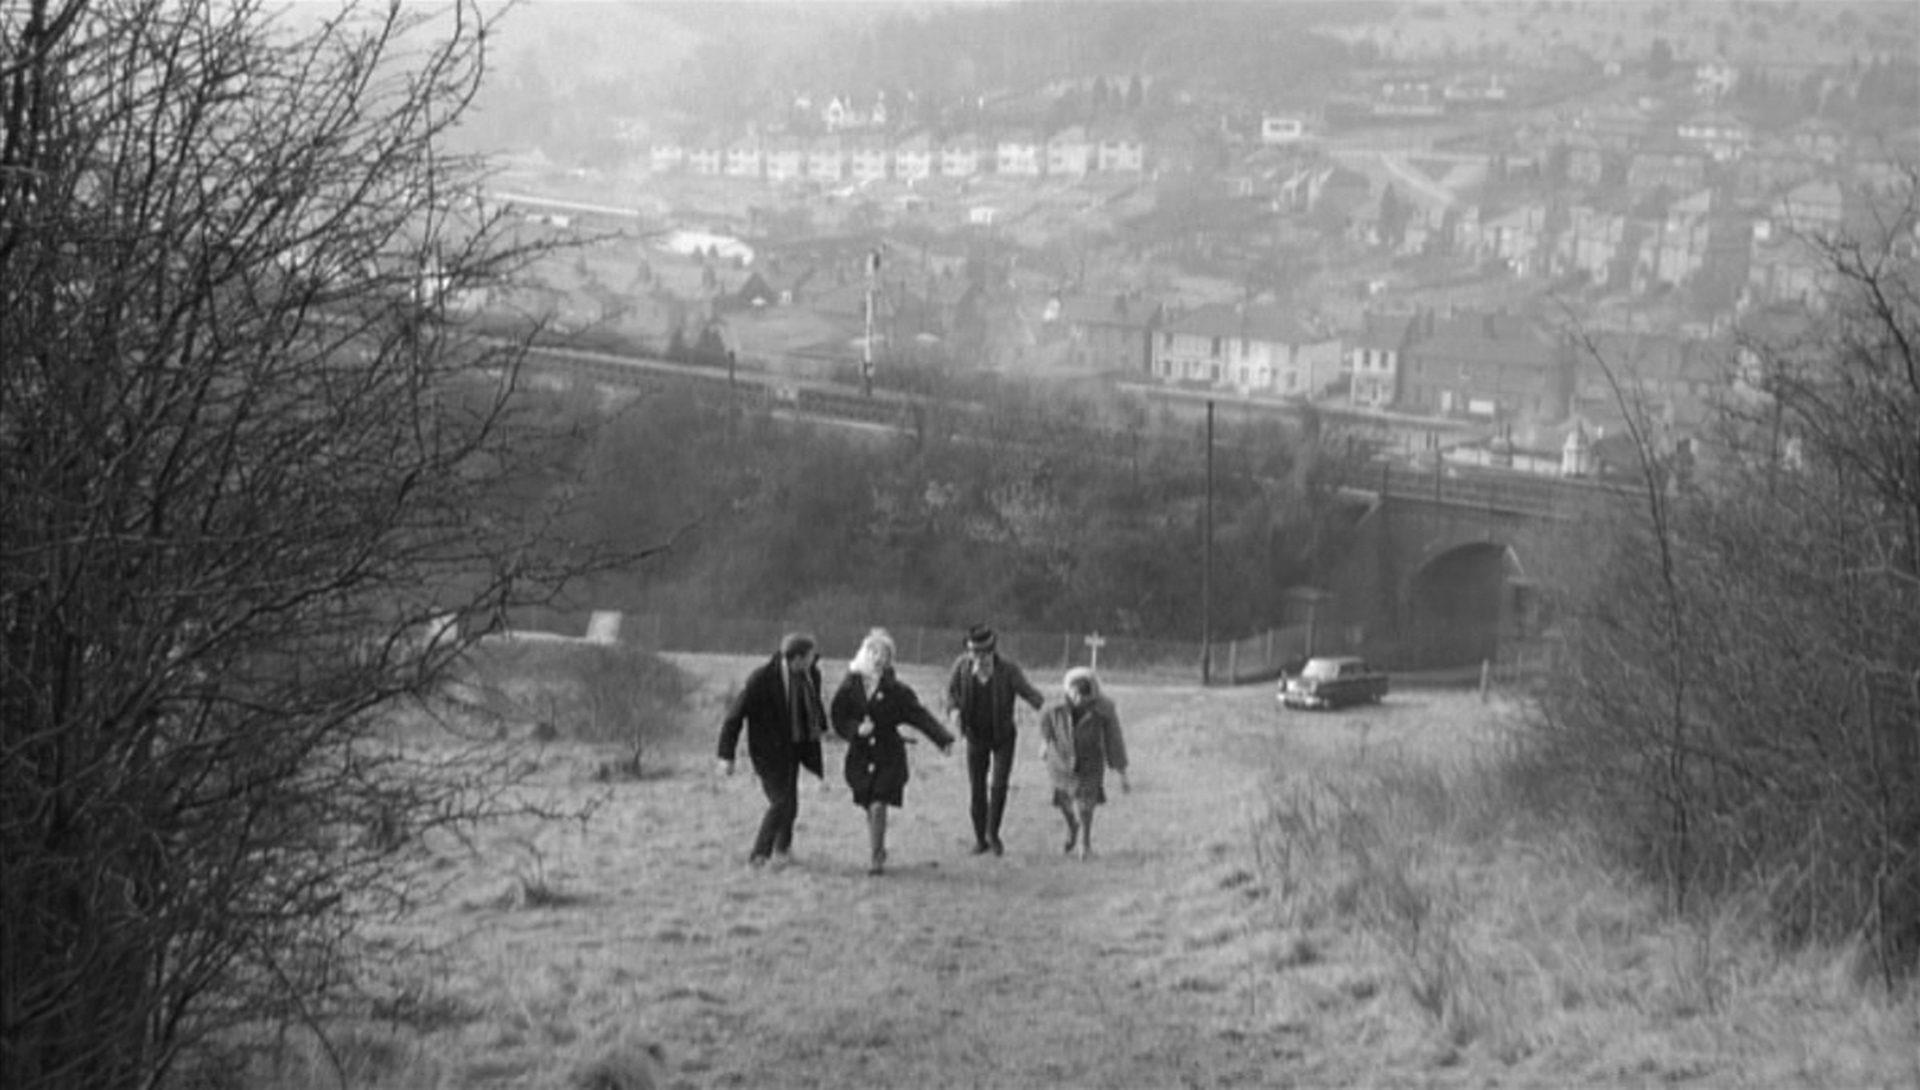 Zwei Paare aus je einem jungen Mann und einer jnungen Frau gehen einen am Stadtrand gelegenen Hügel hinauf, im Hintergrund ist ein Arbeiterquartier zu erkennen.